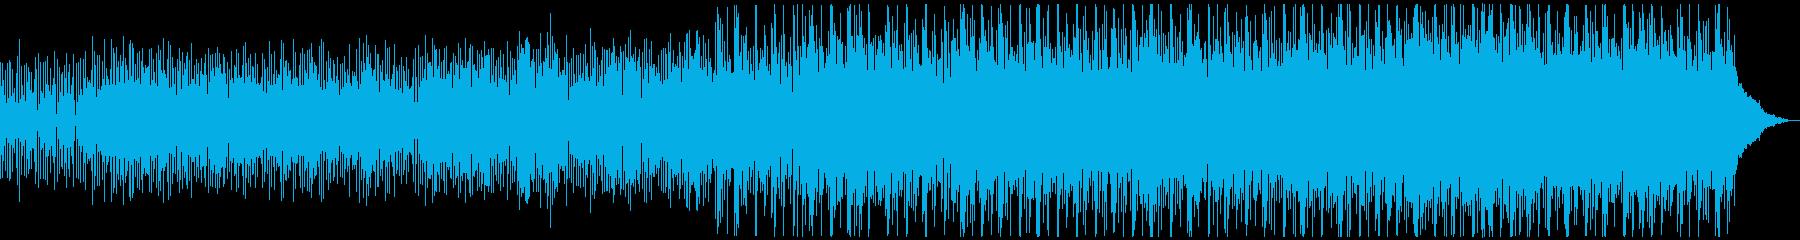 ミニマル風のゆったりと神秘的なテクノの再生済みの波形